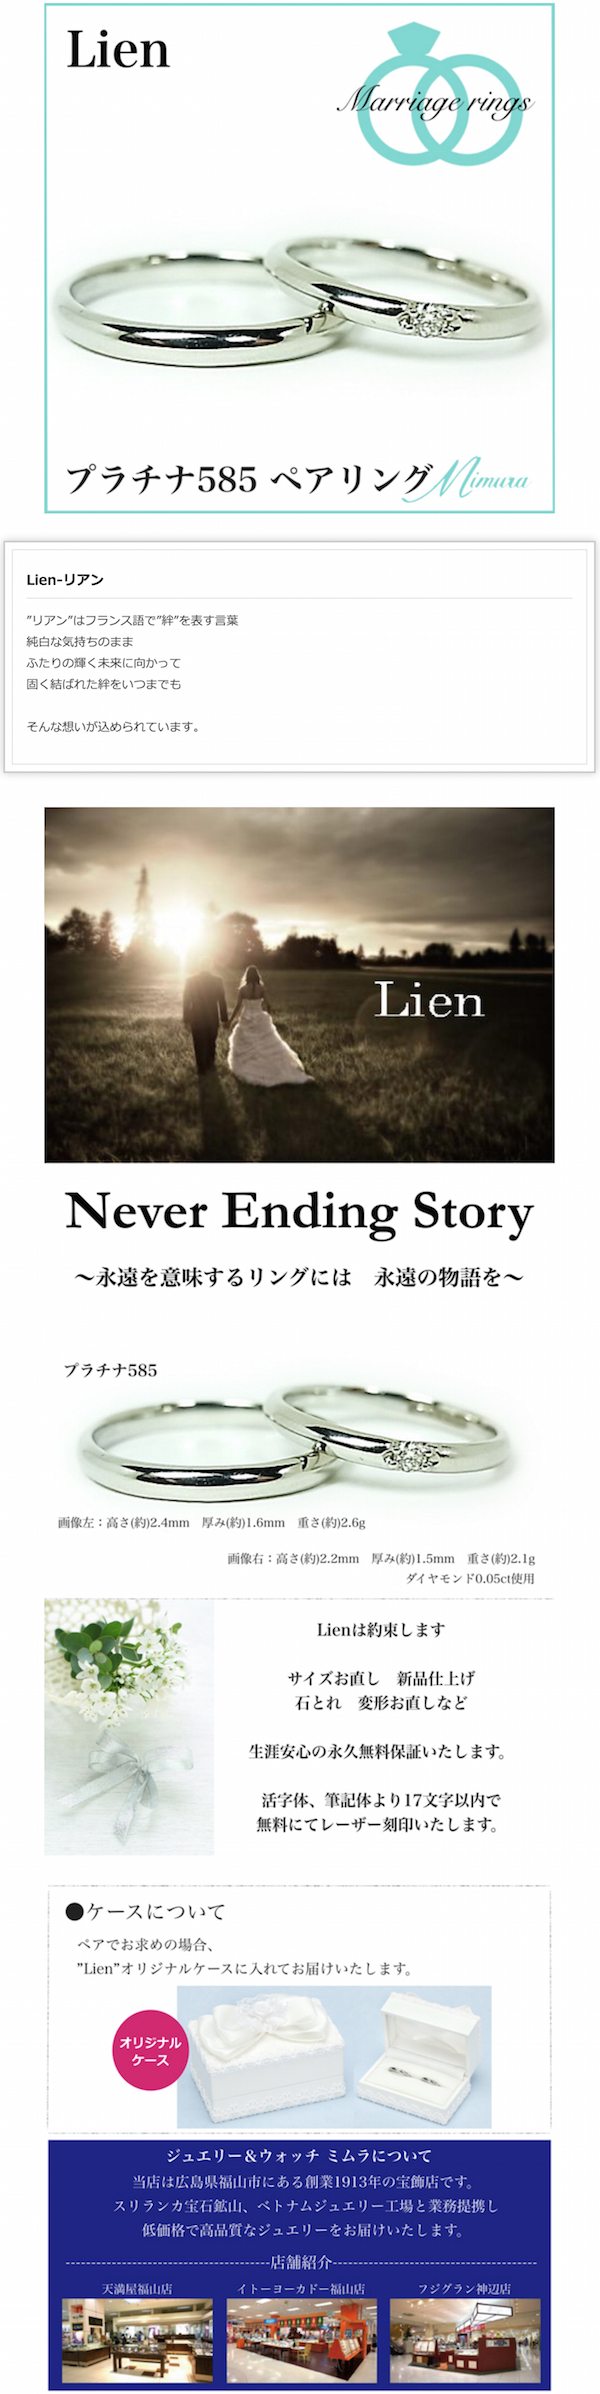 広島県福山市ブライダル結婚指輪